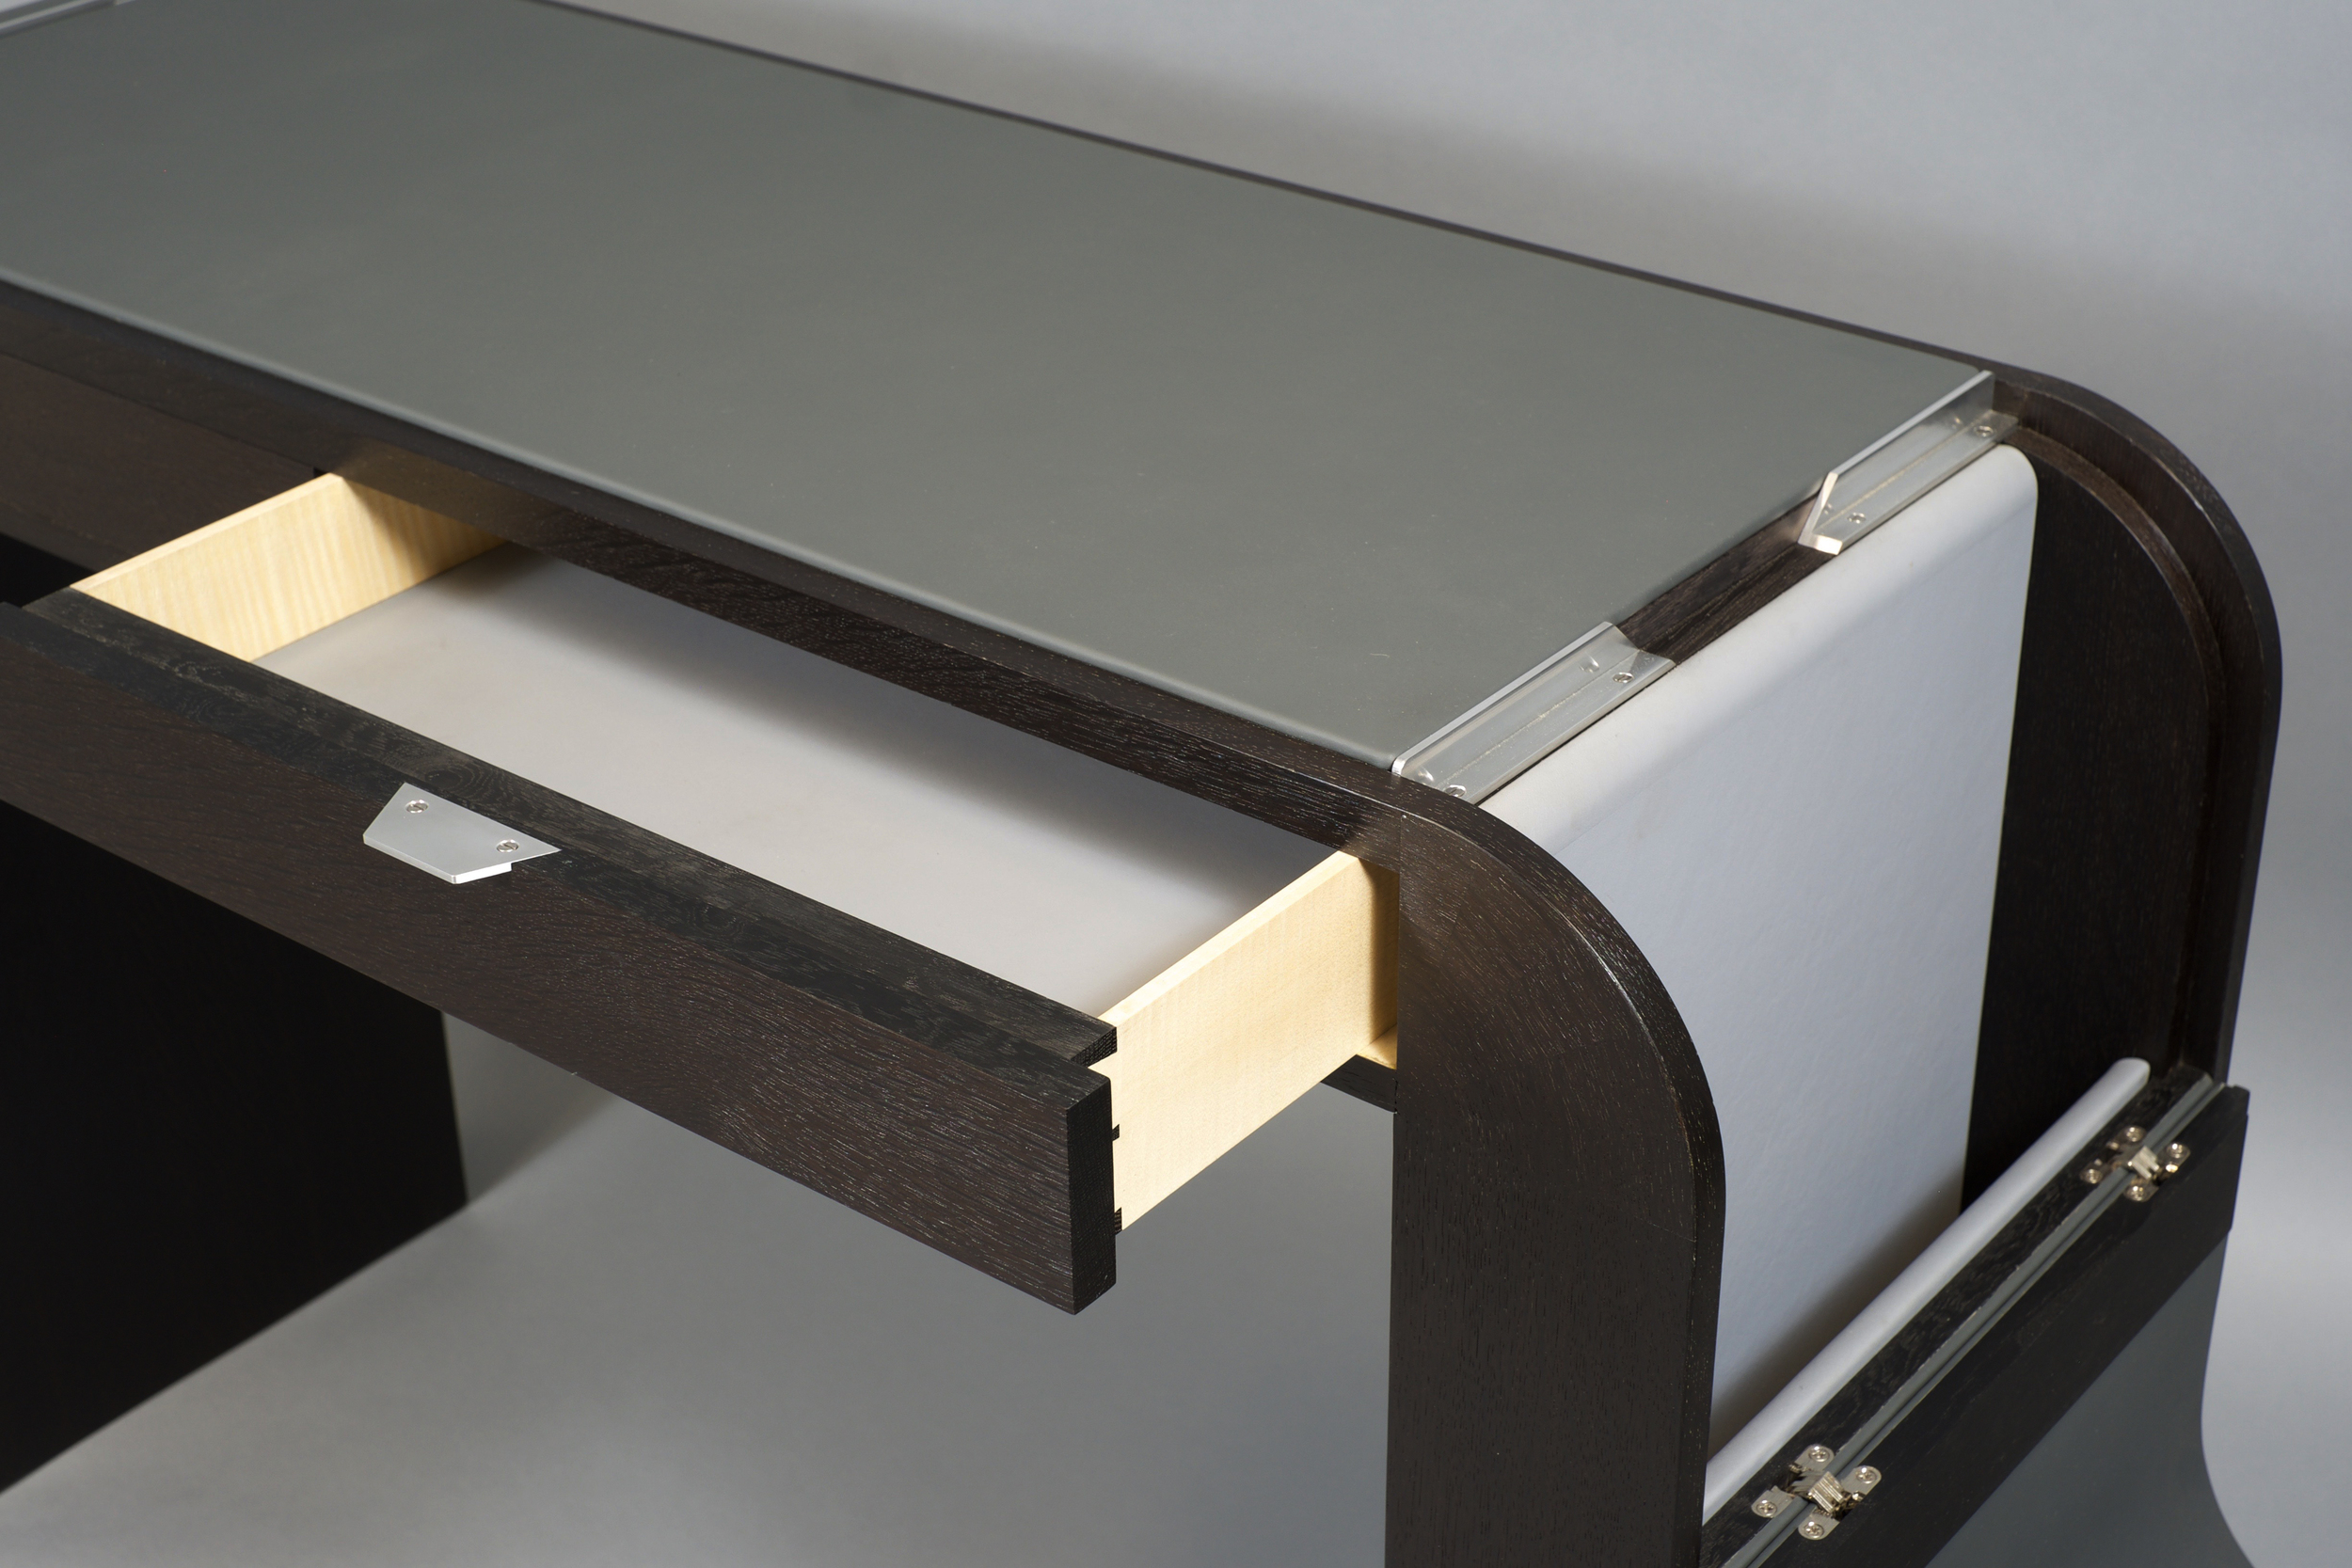 console_desk_open.jpg